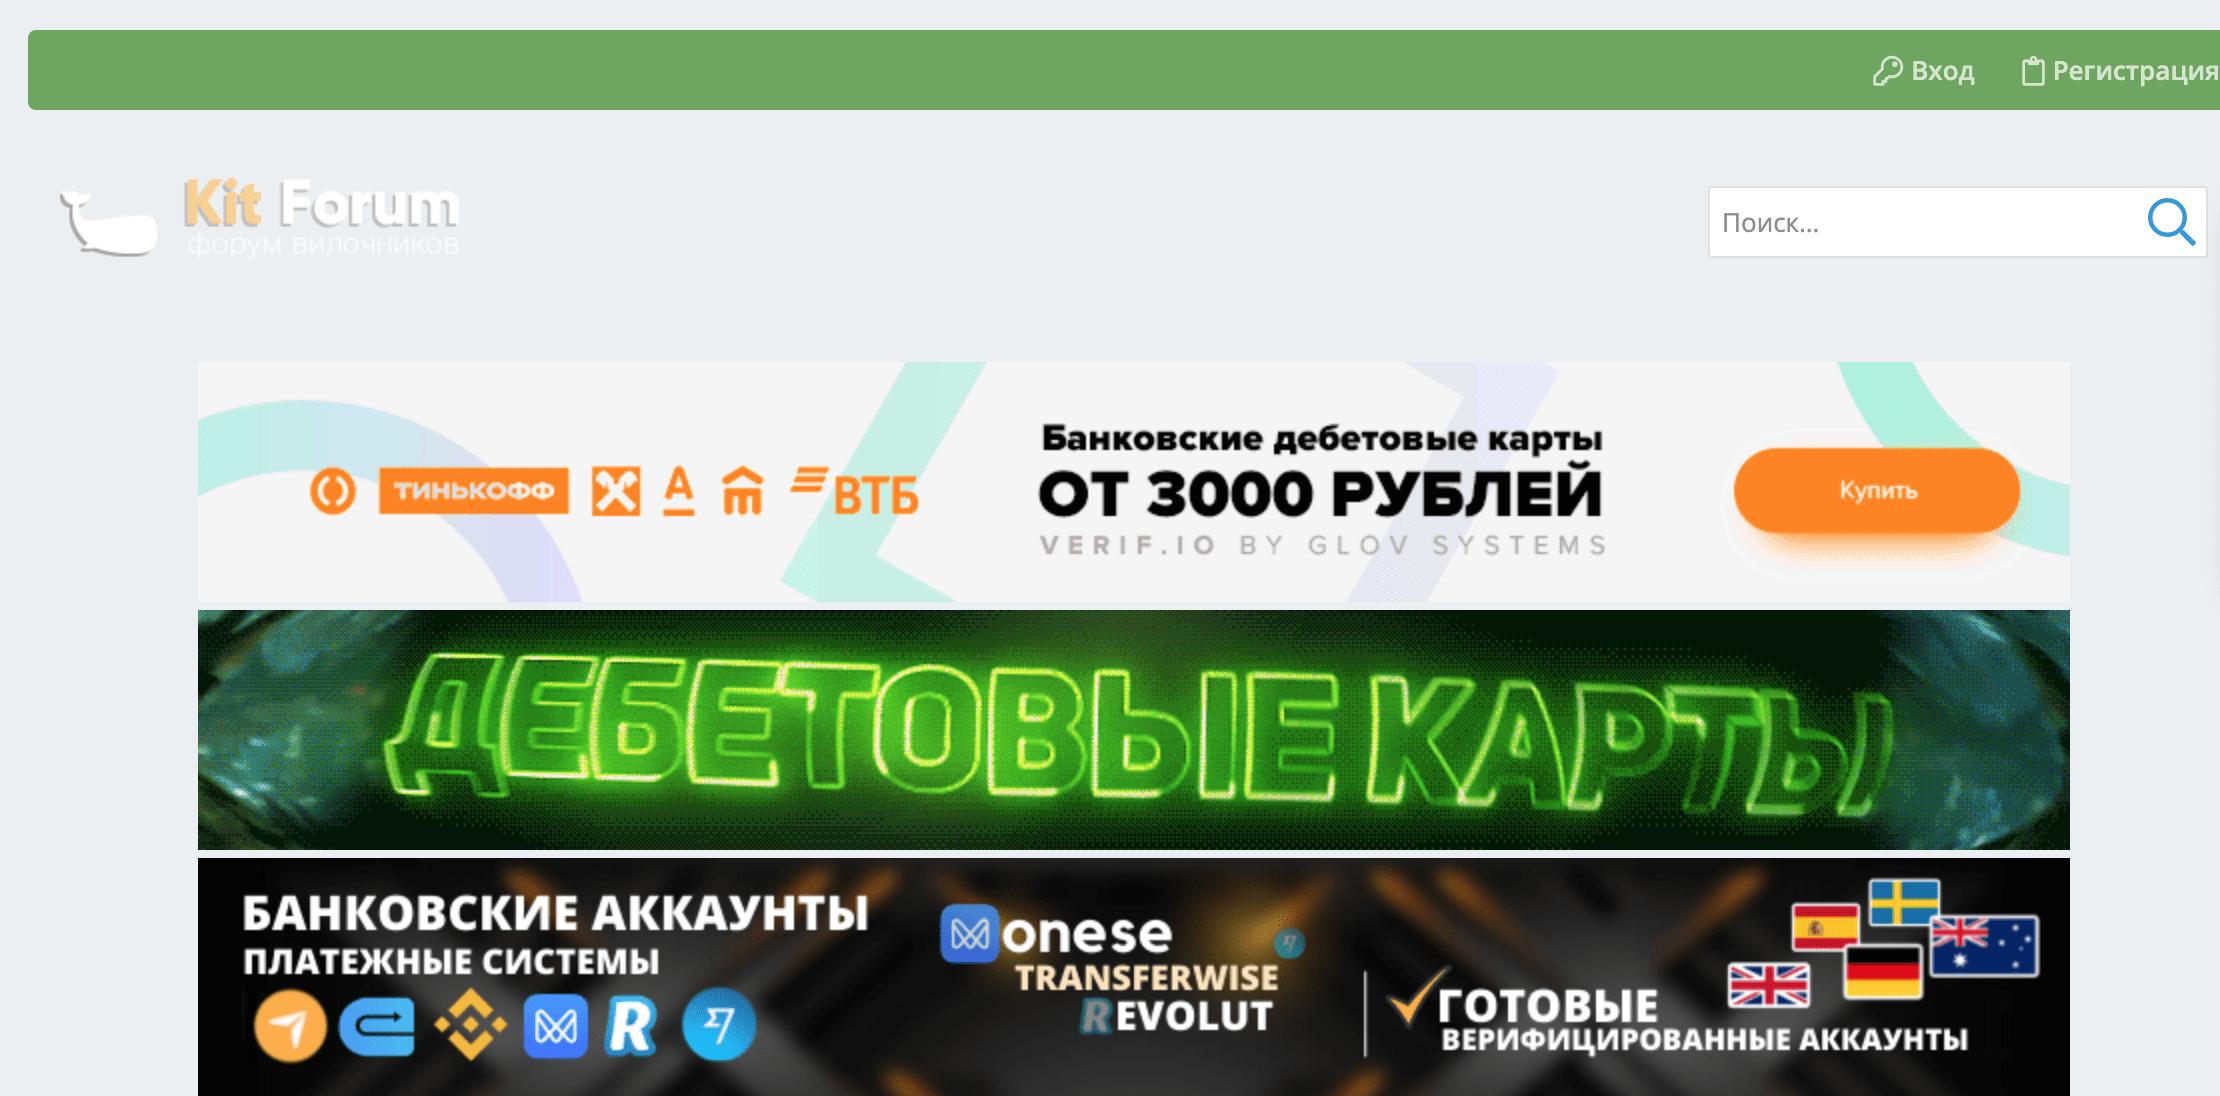 Главная страница сайта Кит-Каппер.ру(Kit-capper.cc)